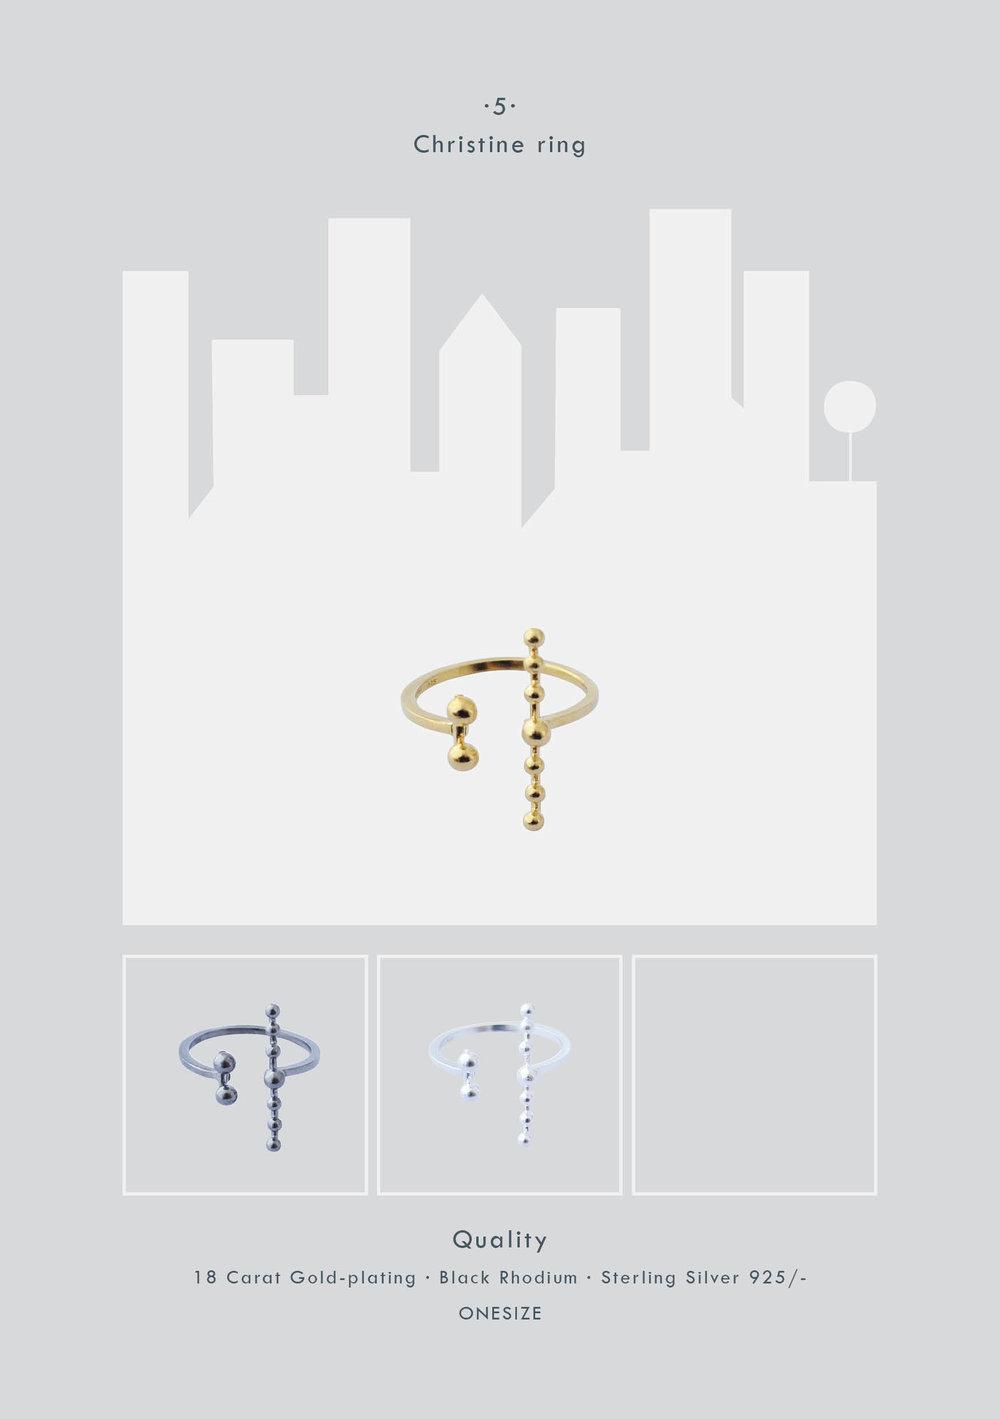 rebekkarebekka_lookbook In the city 2015 - elookbook - Enkeltsidet til print9.jpg